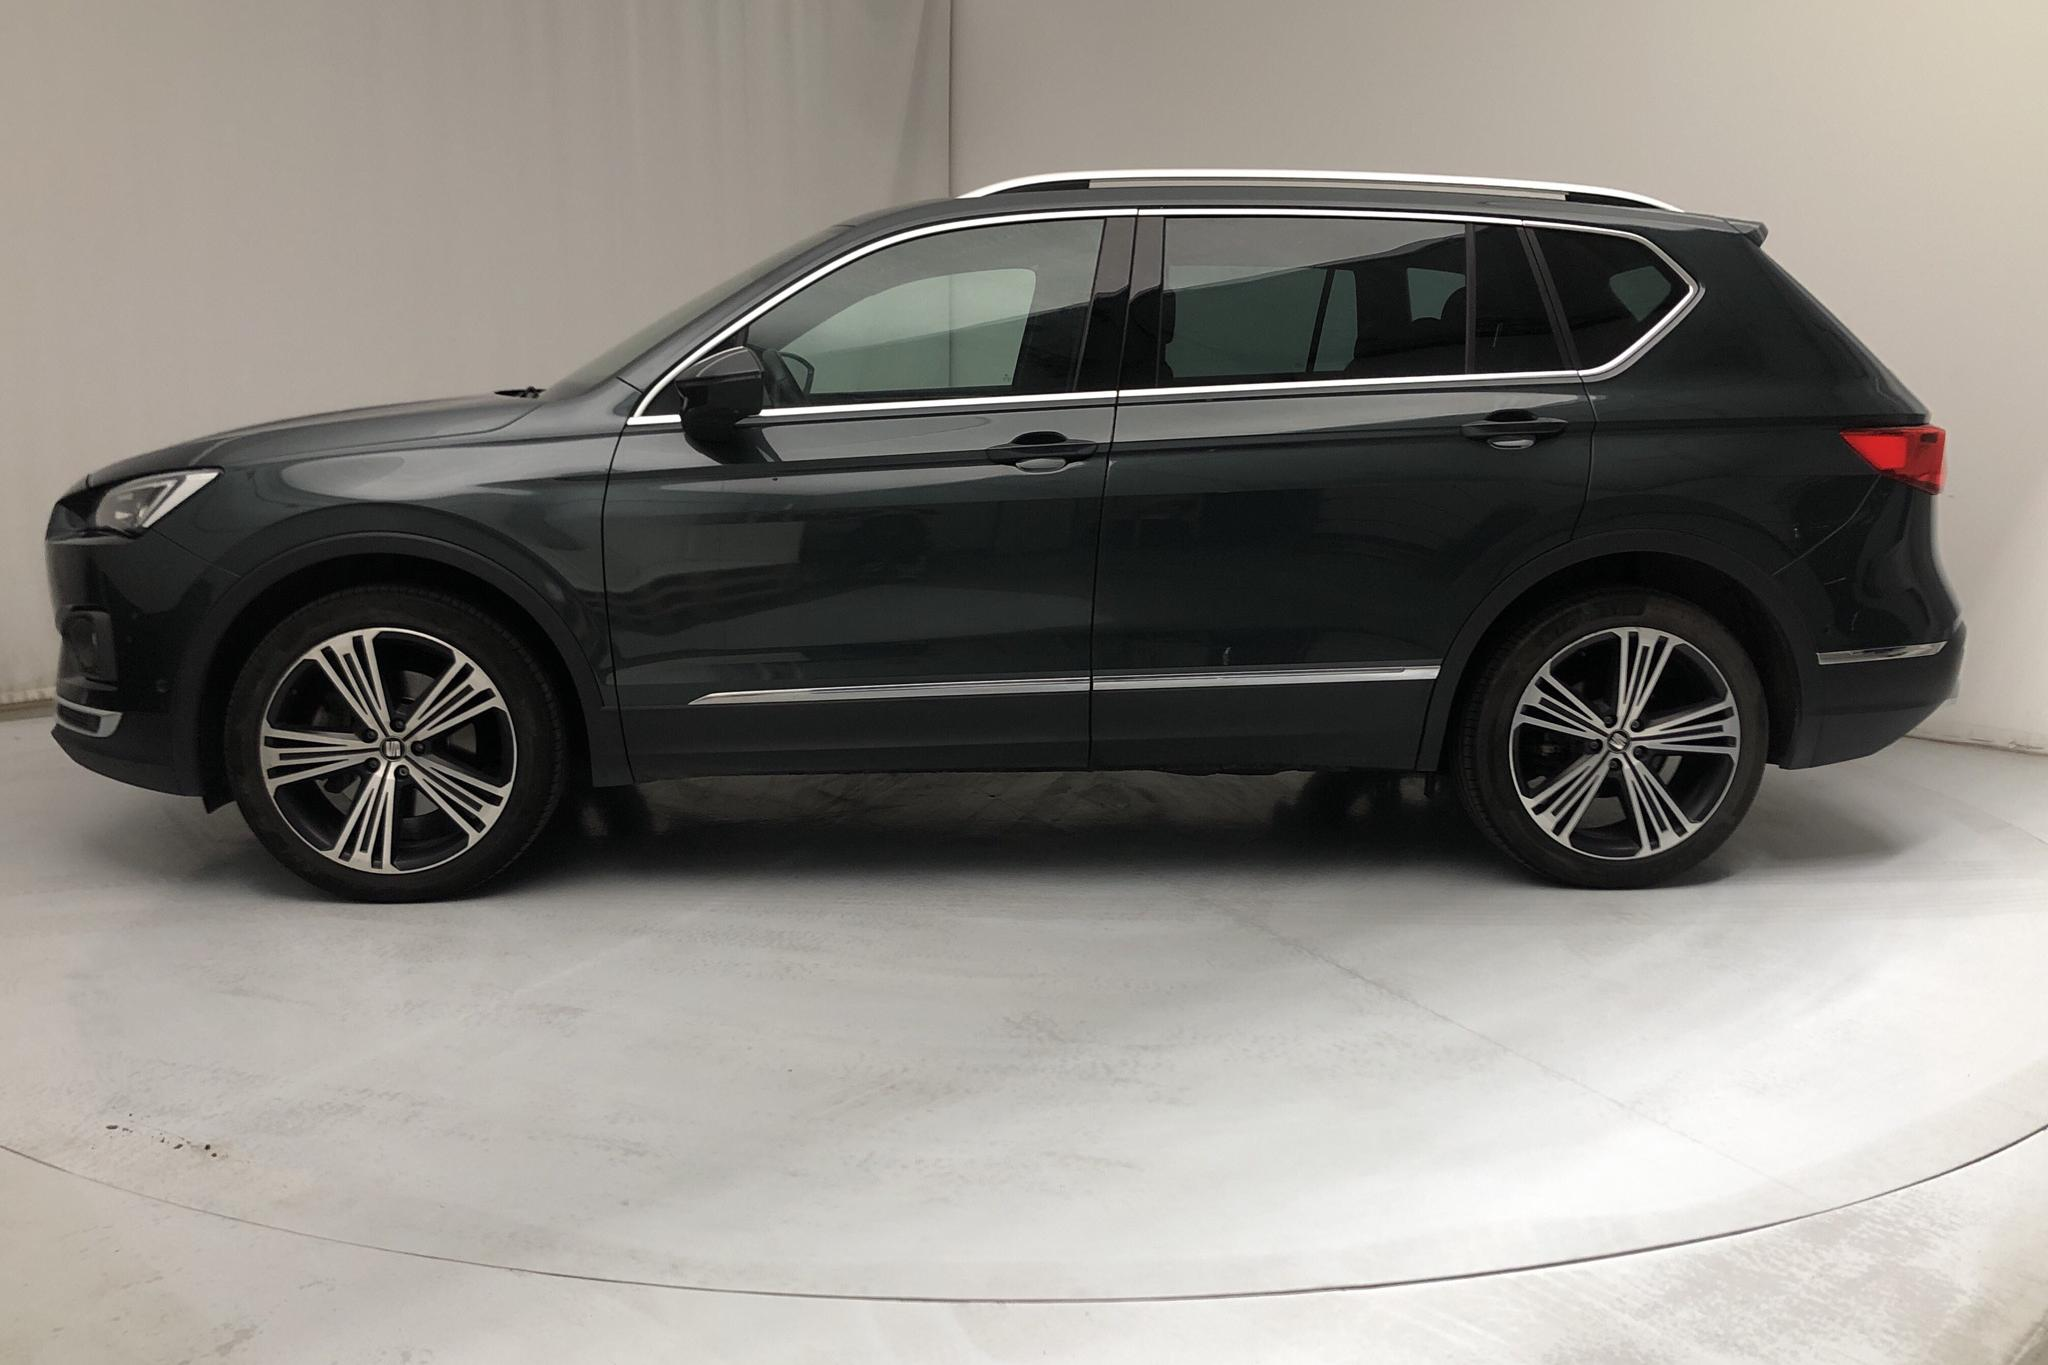 Seat Tarraco 2.0 TDI 4Drive (190hk) - 58 640 km - Automatic - Dark Green - 2019